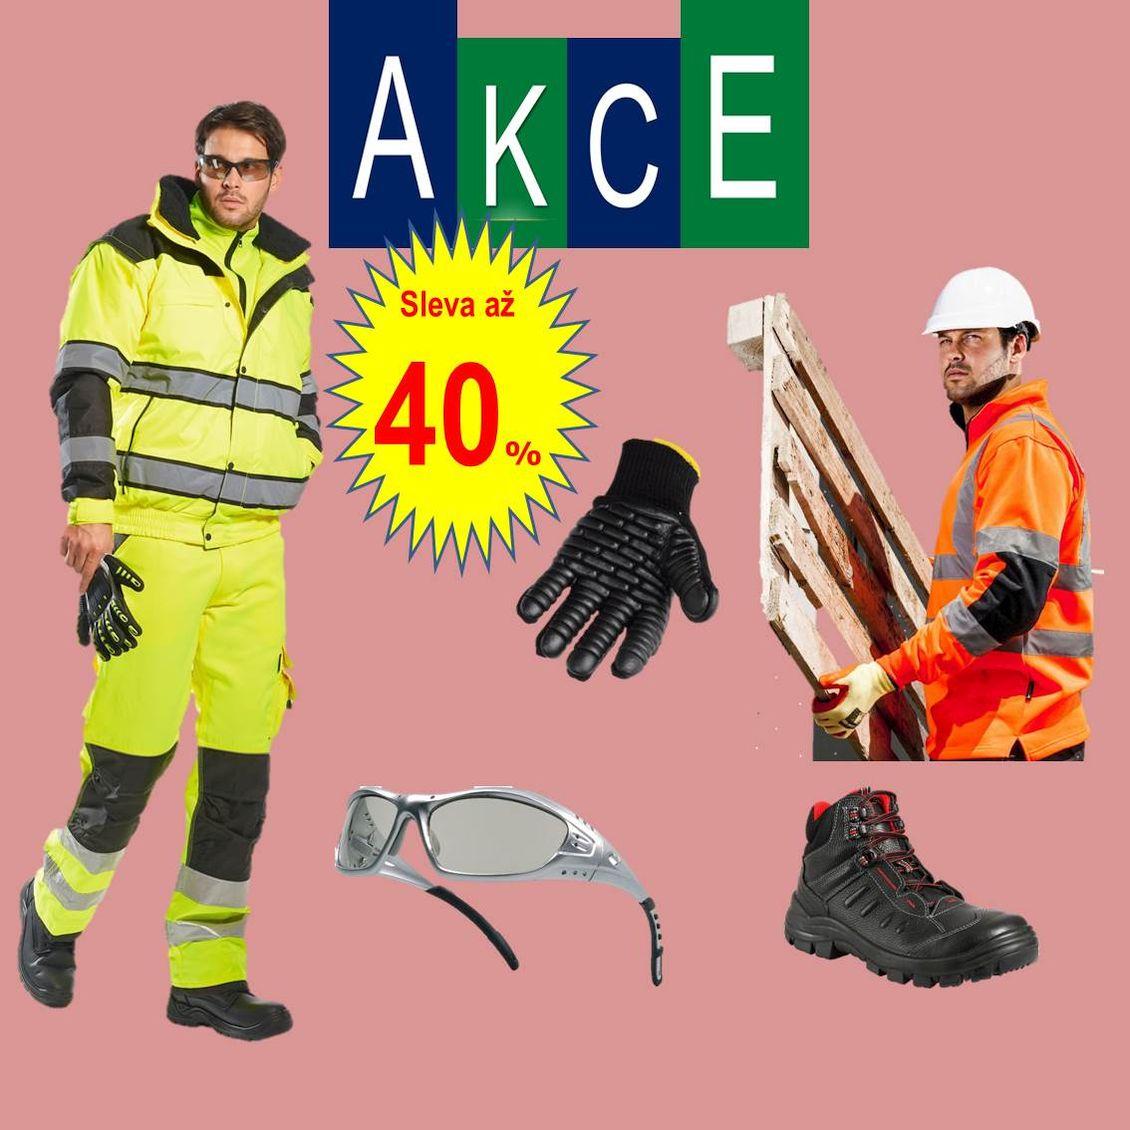 Takos® - Černý pátek až 40 % na pracovní oděvy a ochranné pracovní prostředky